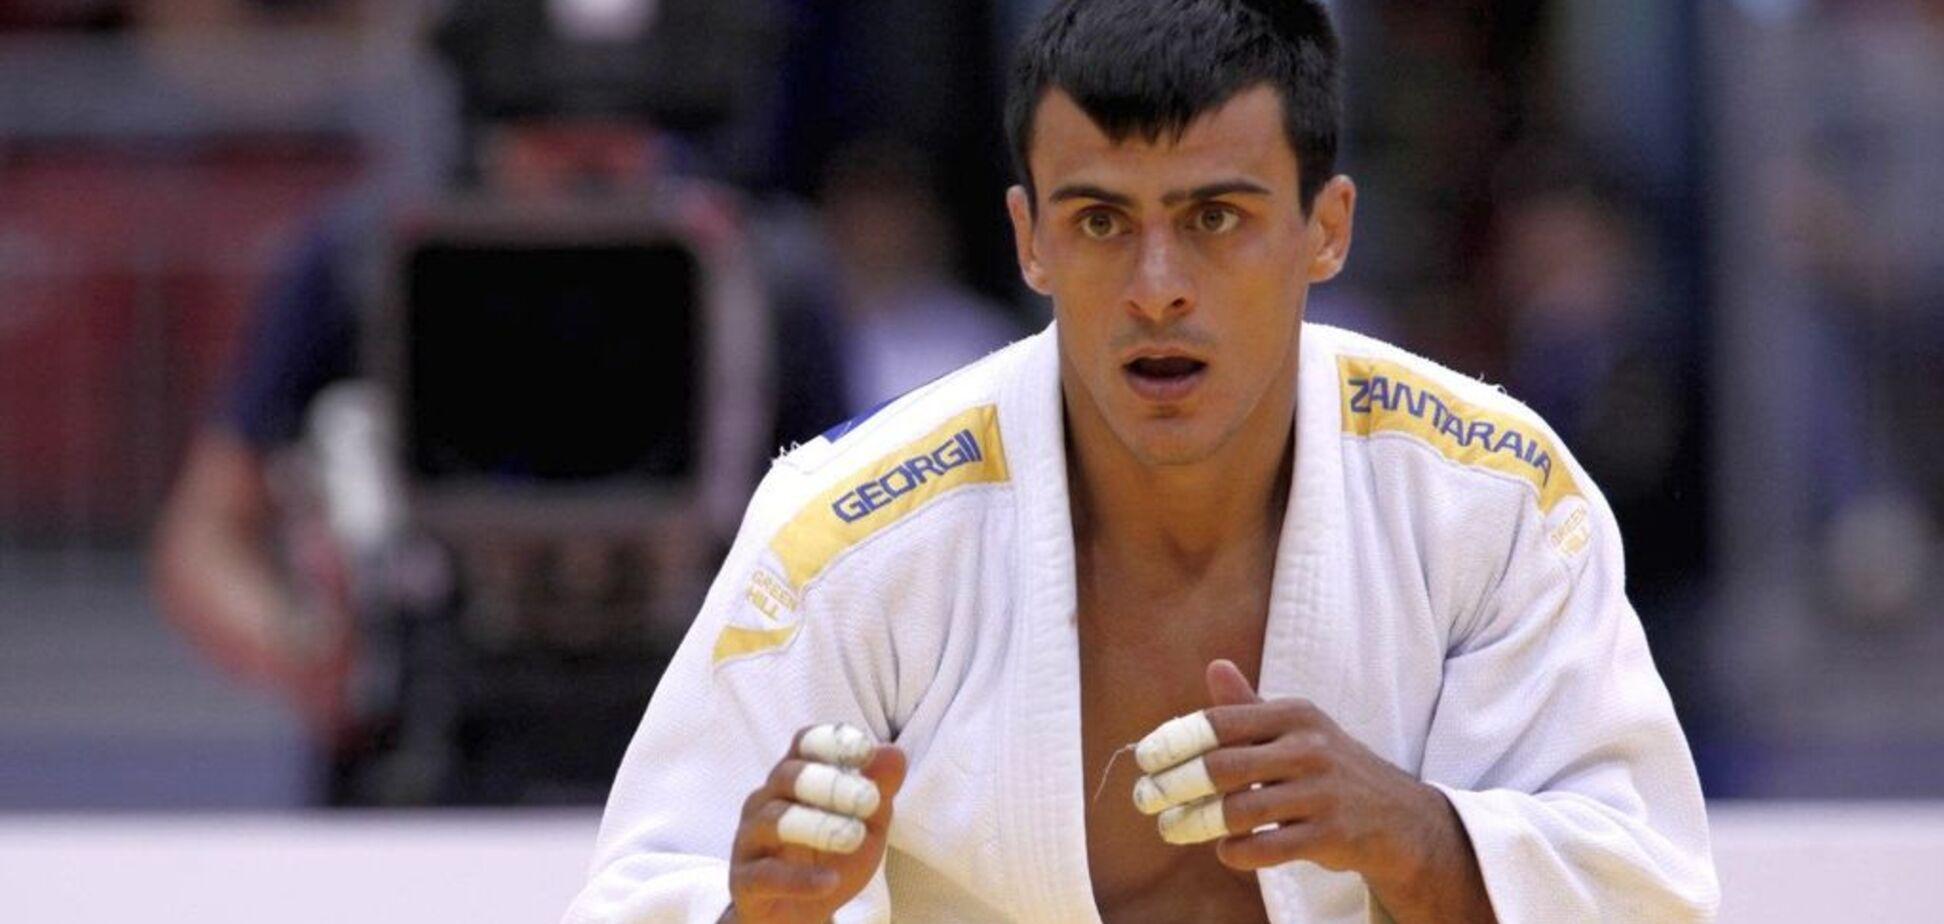 Украинский дзюдоист стал призером Grand Slam, на последних секундах ''сломав'' россиянина